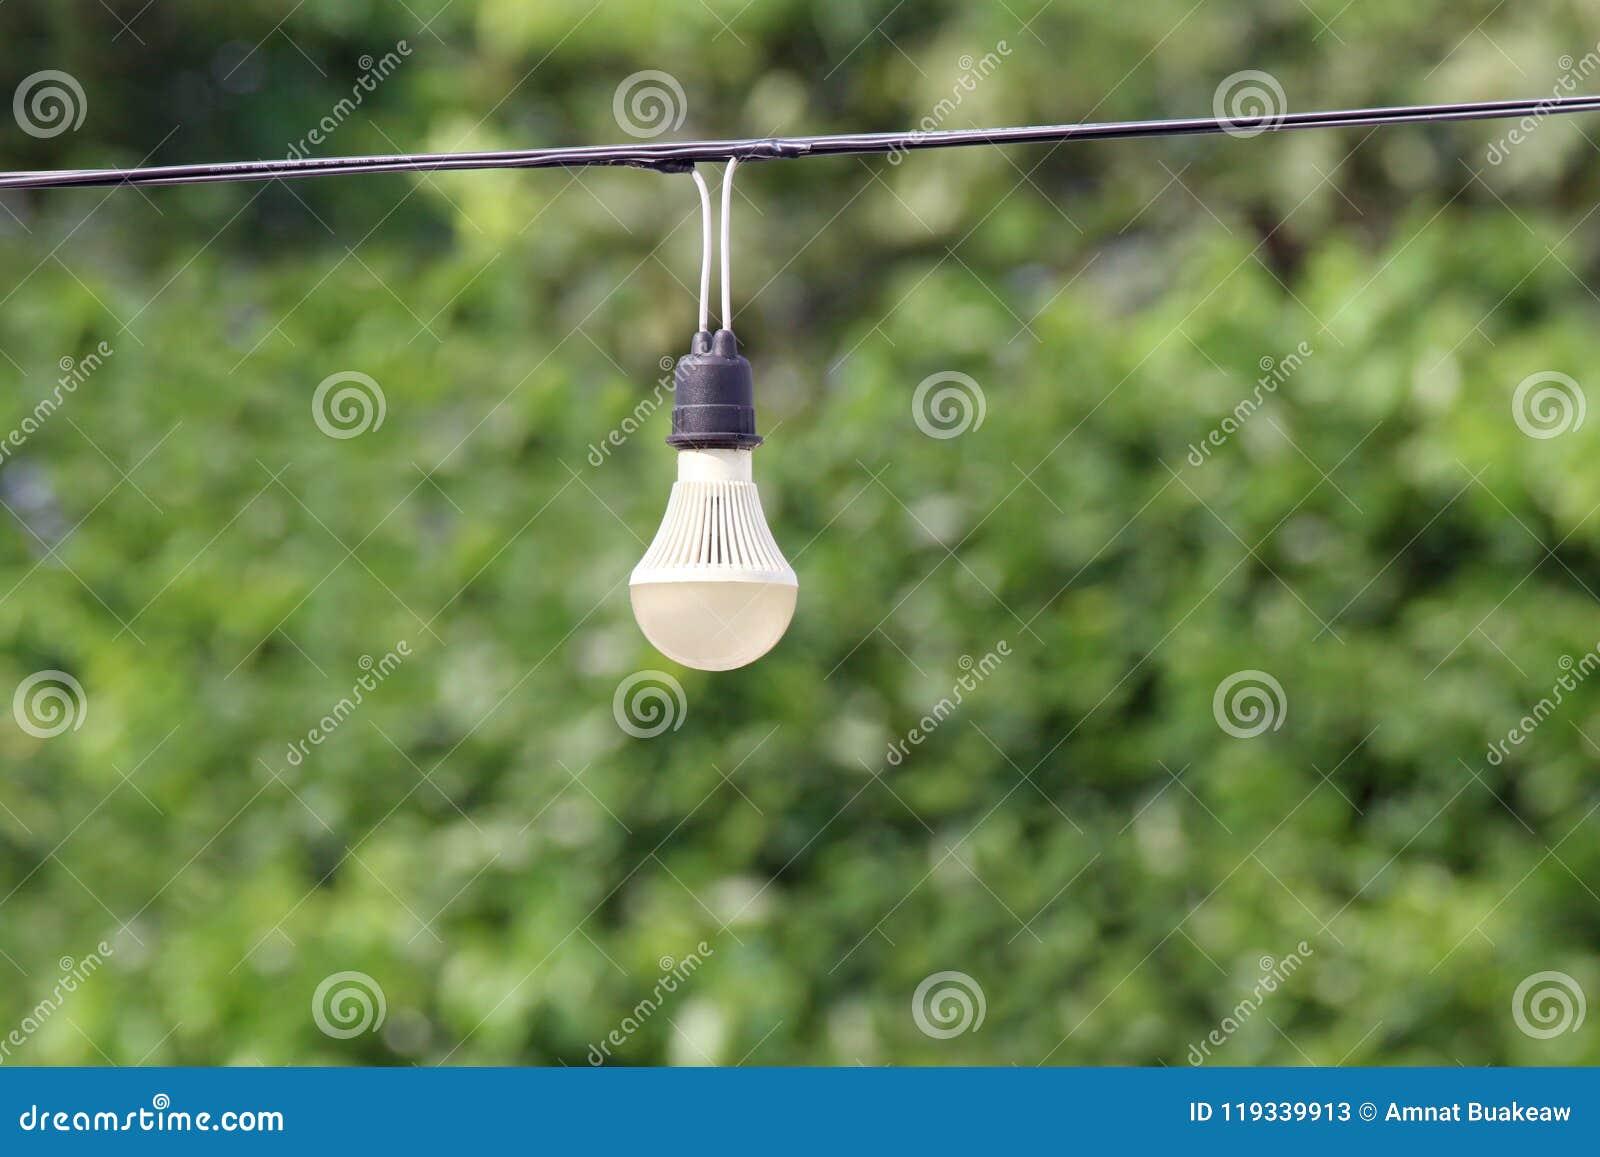 Glühlampe, die an der elektrischen Drahtlinie Kabel der Schnur mit grünem Naturbaum bokeh Beleuchtungshintergrund hängt